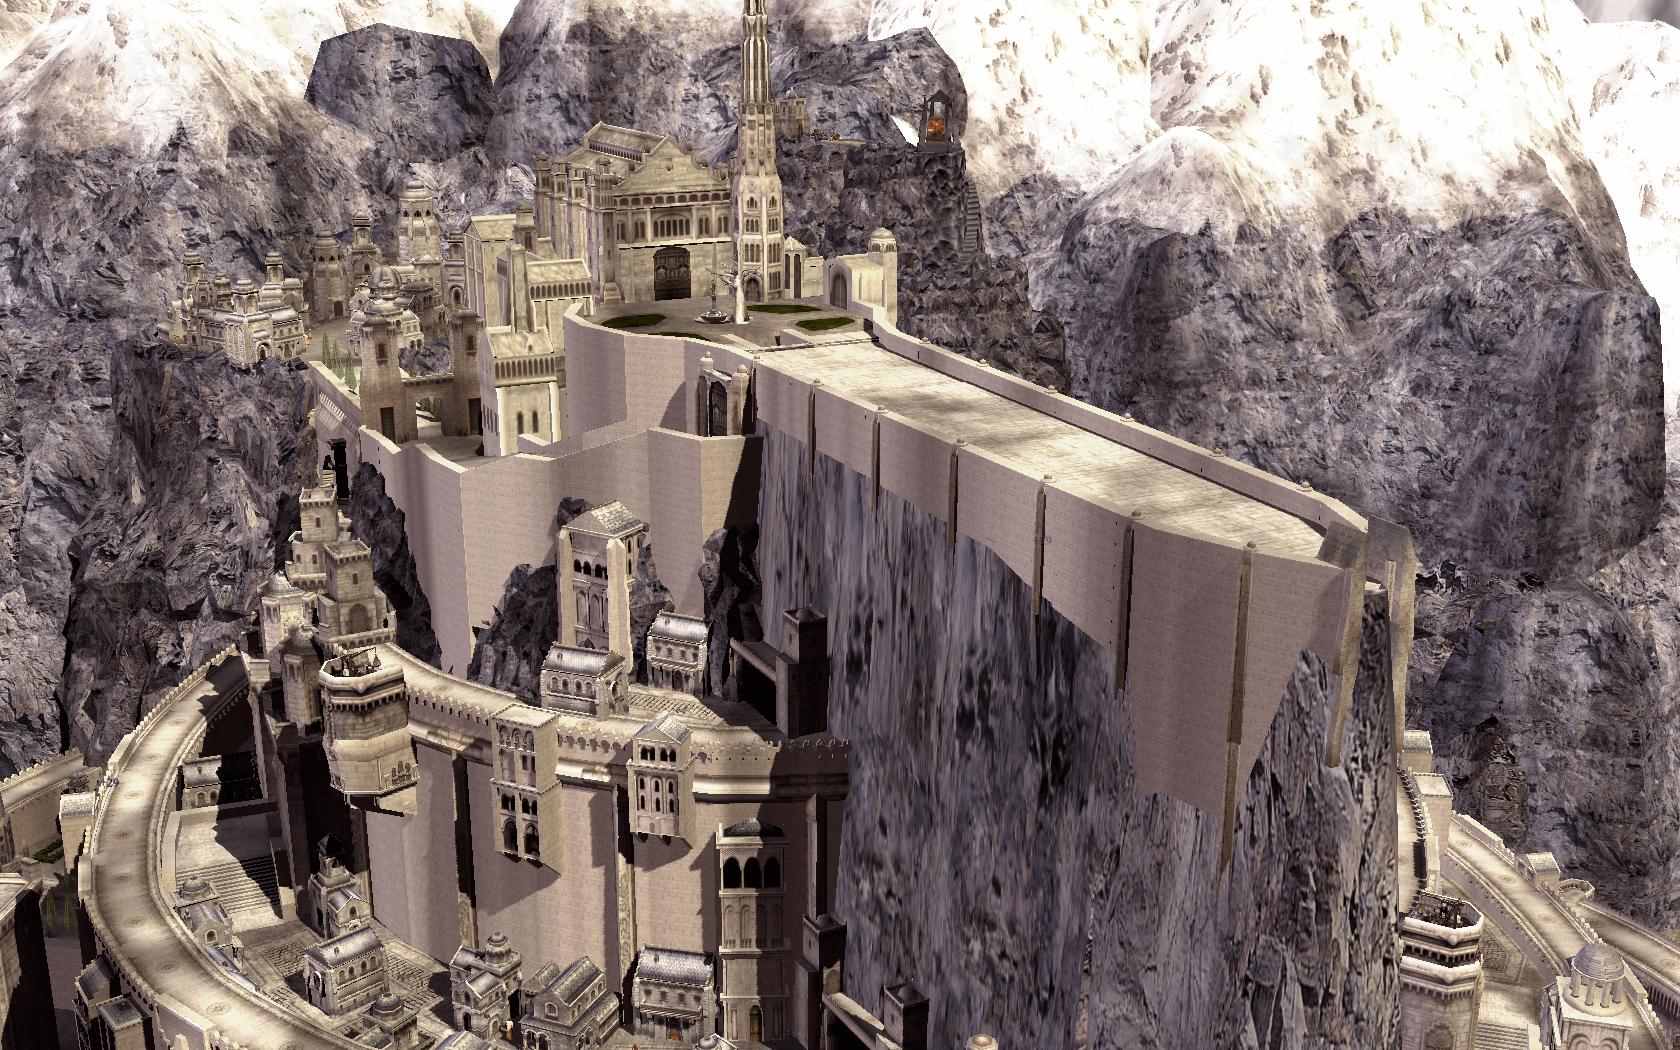 Minas Tirith Submod for BFME2